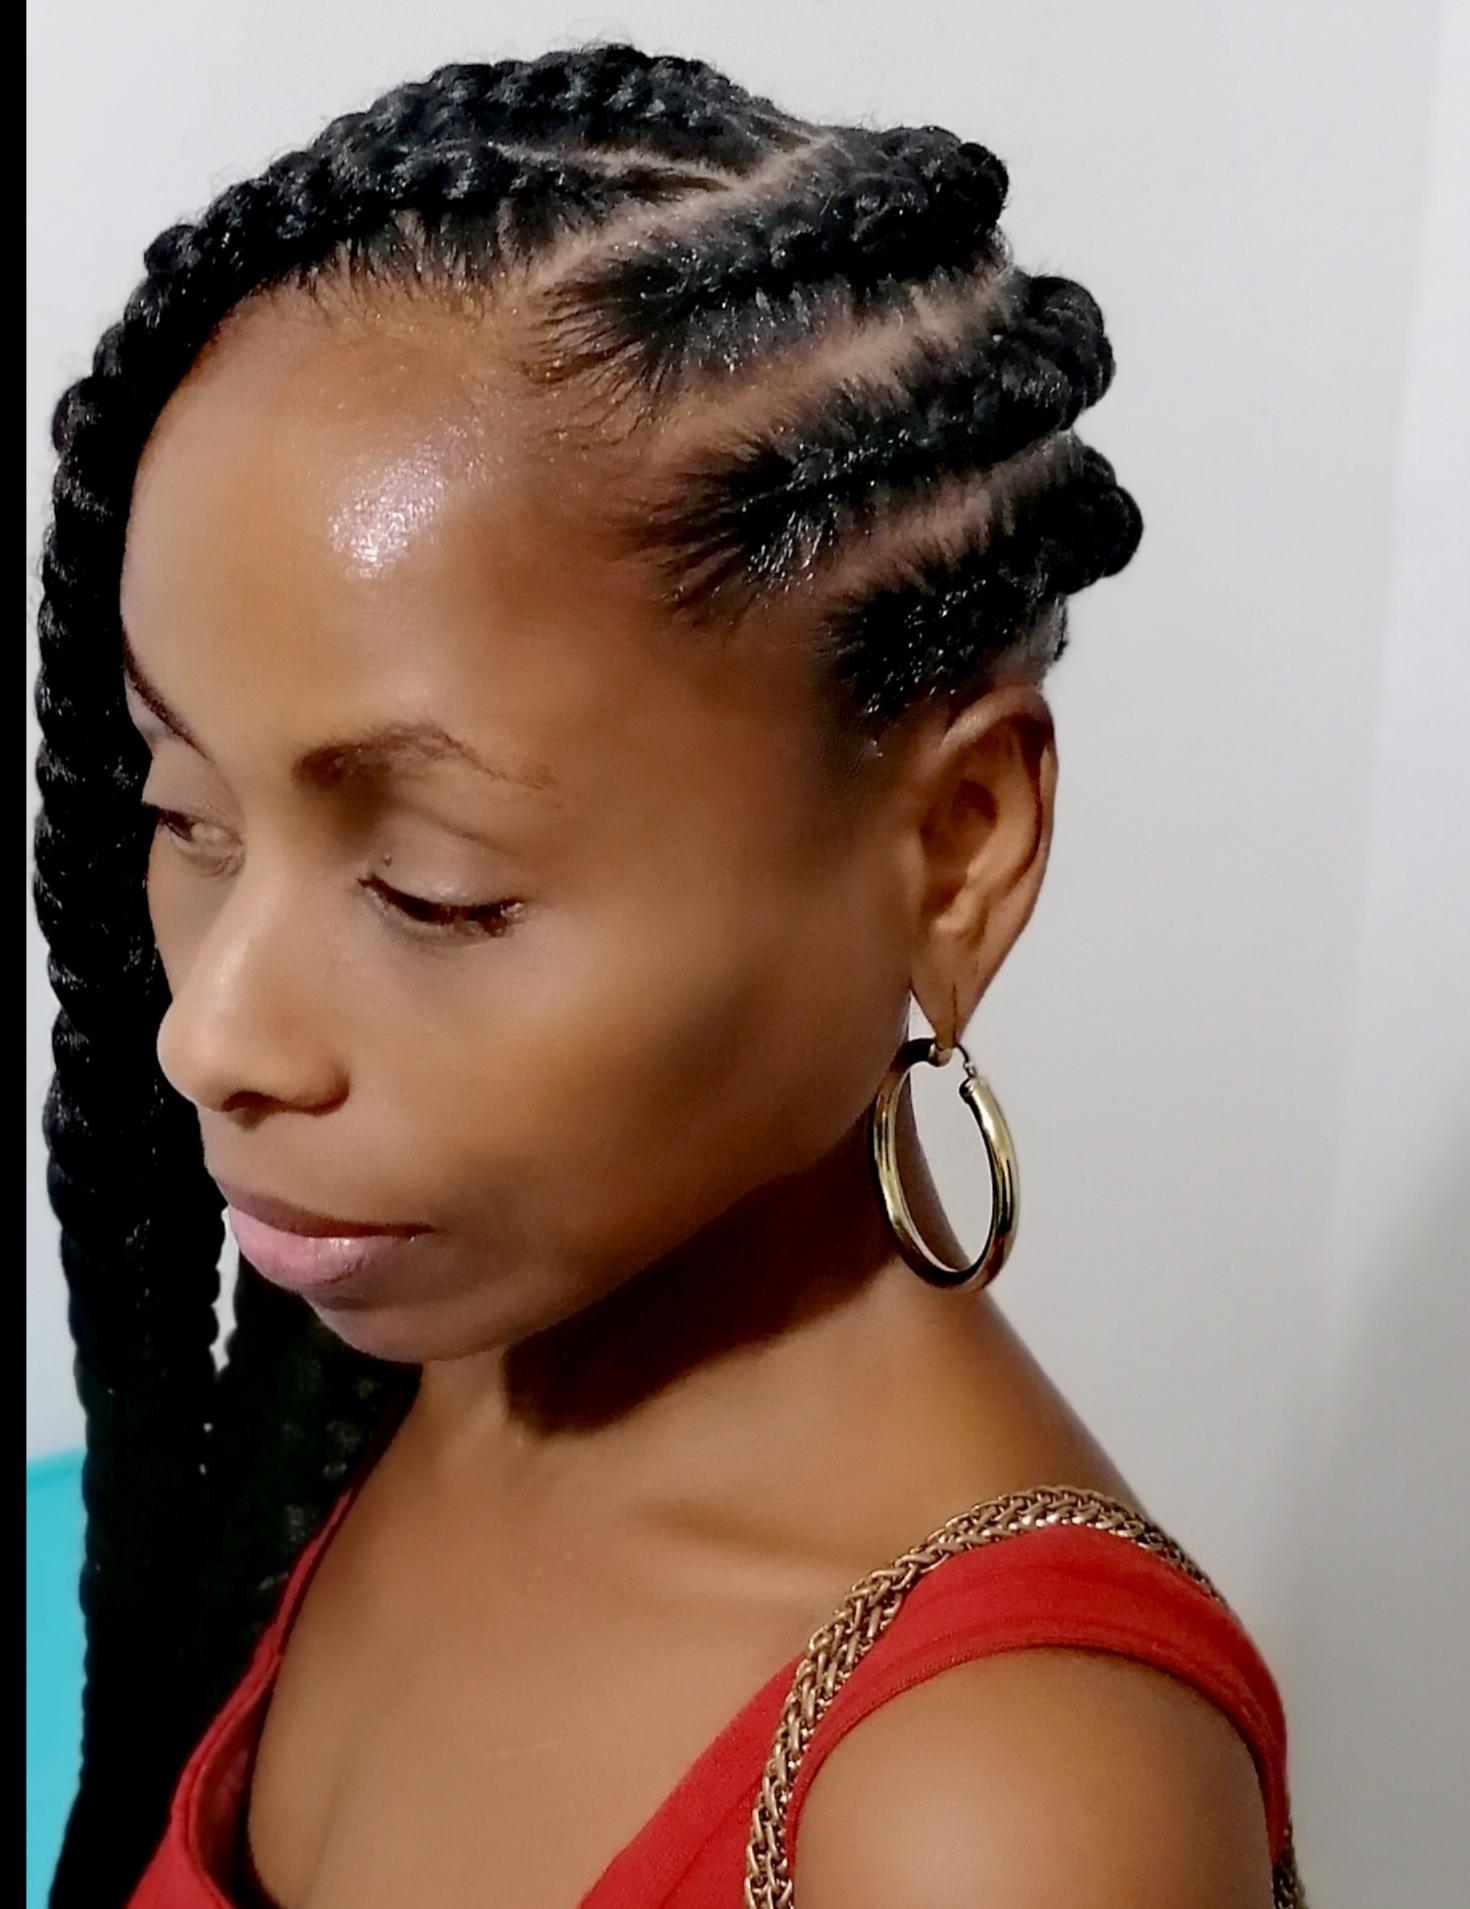 salon de coiffure afro tresse tresses box braids crochet braids vanilles tissages paris 75 77 78 91 92 93 94 95 QGIVTYSO